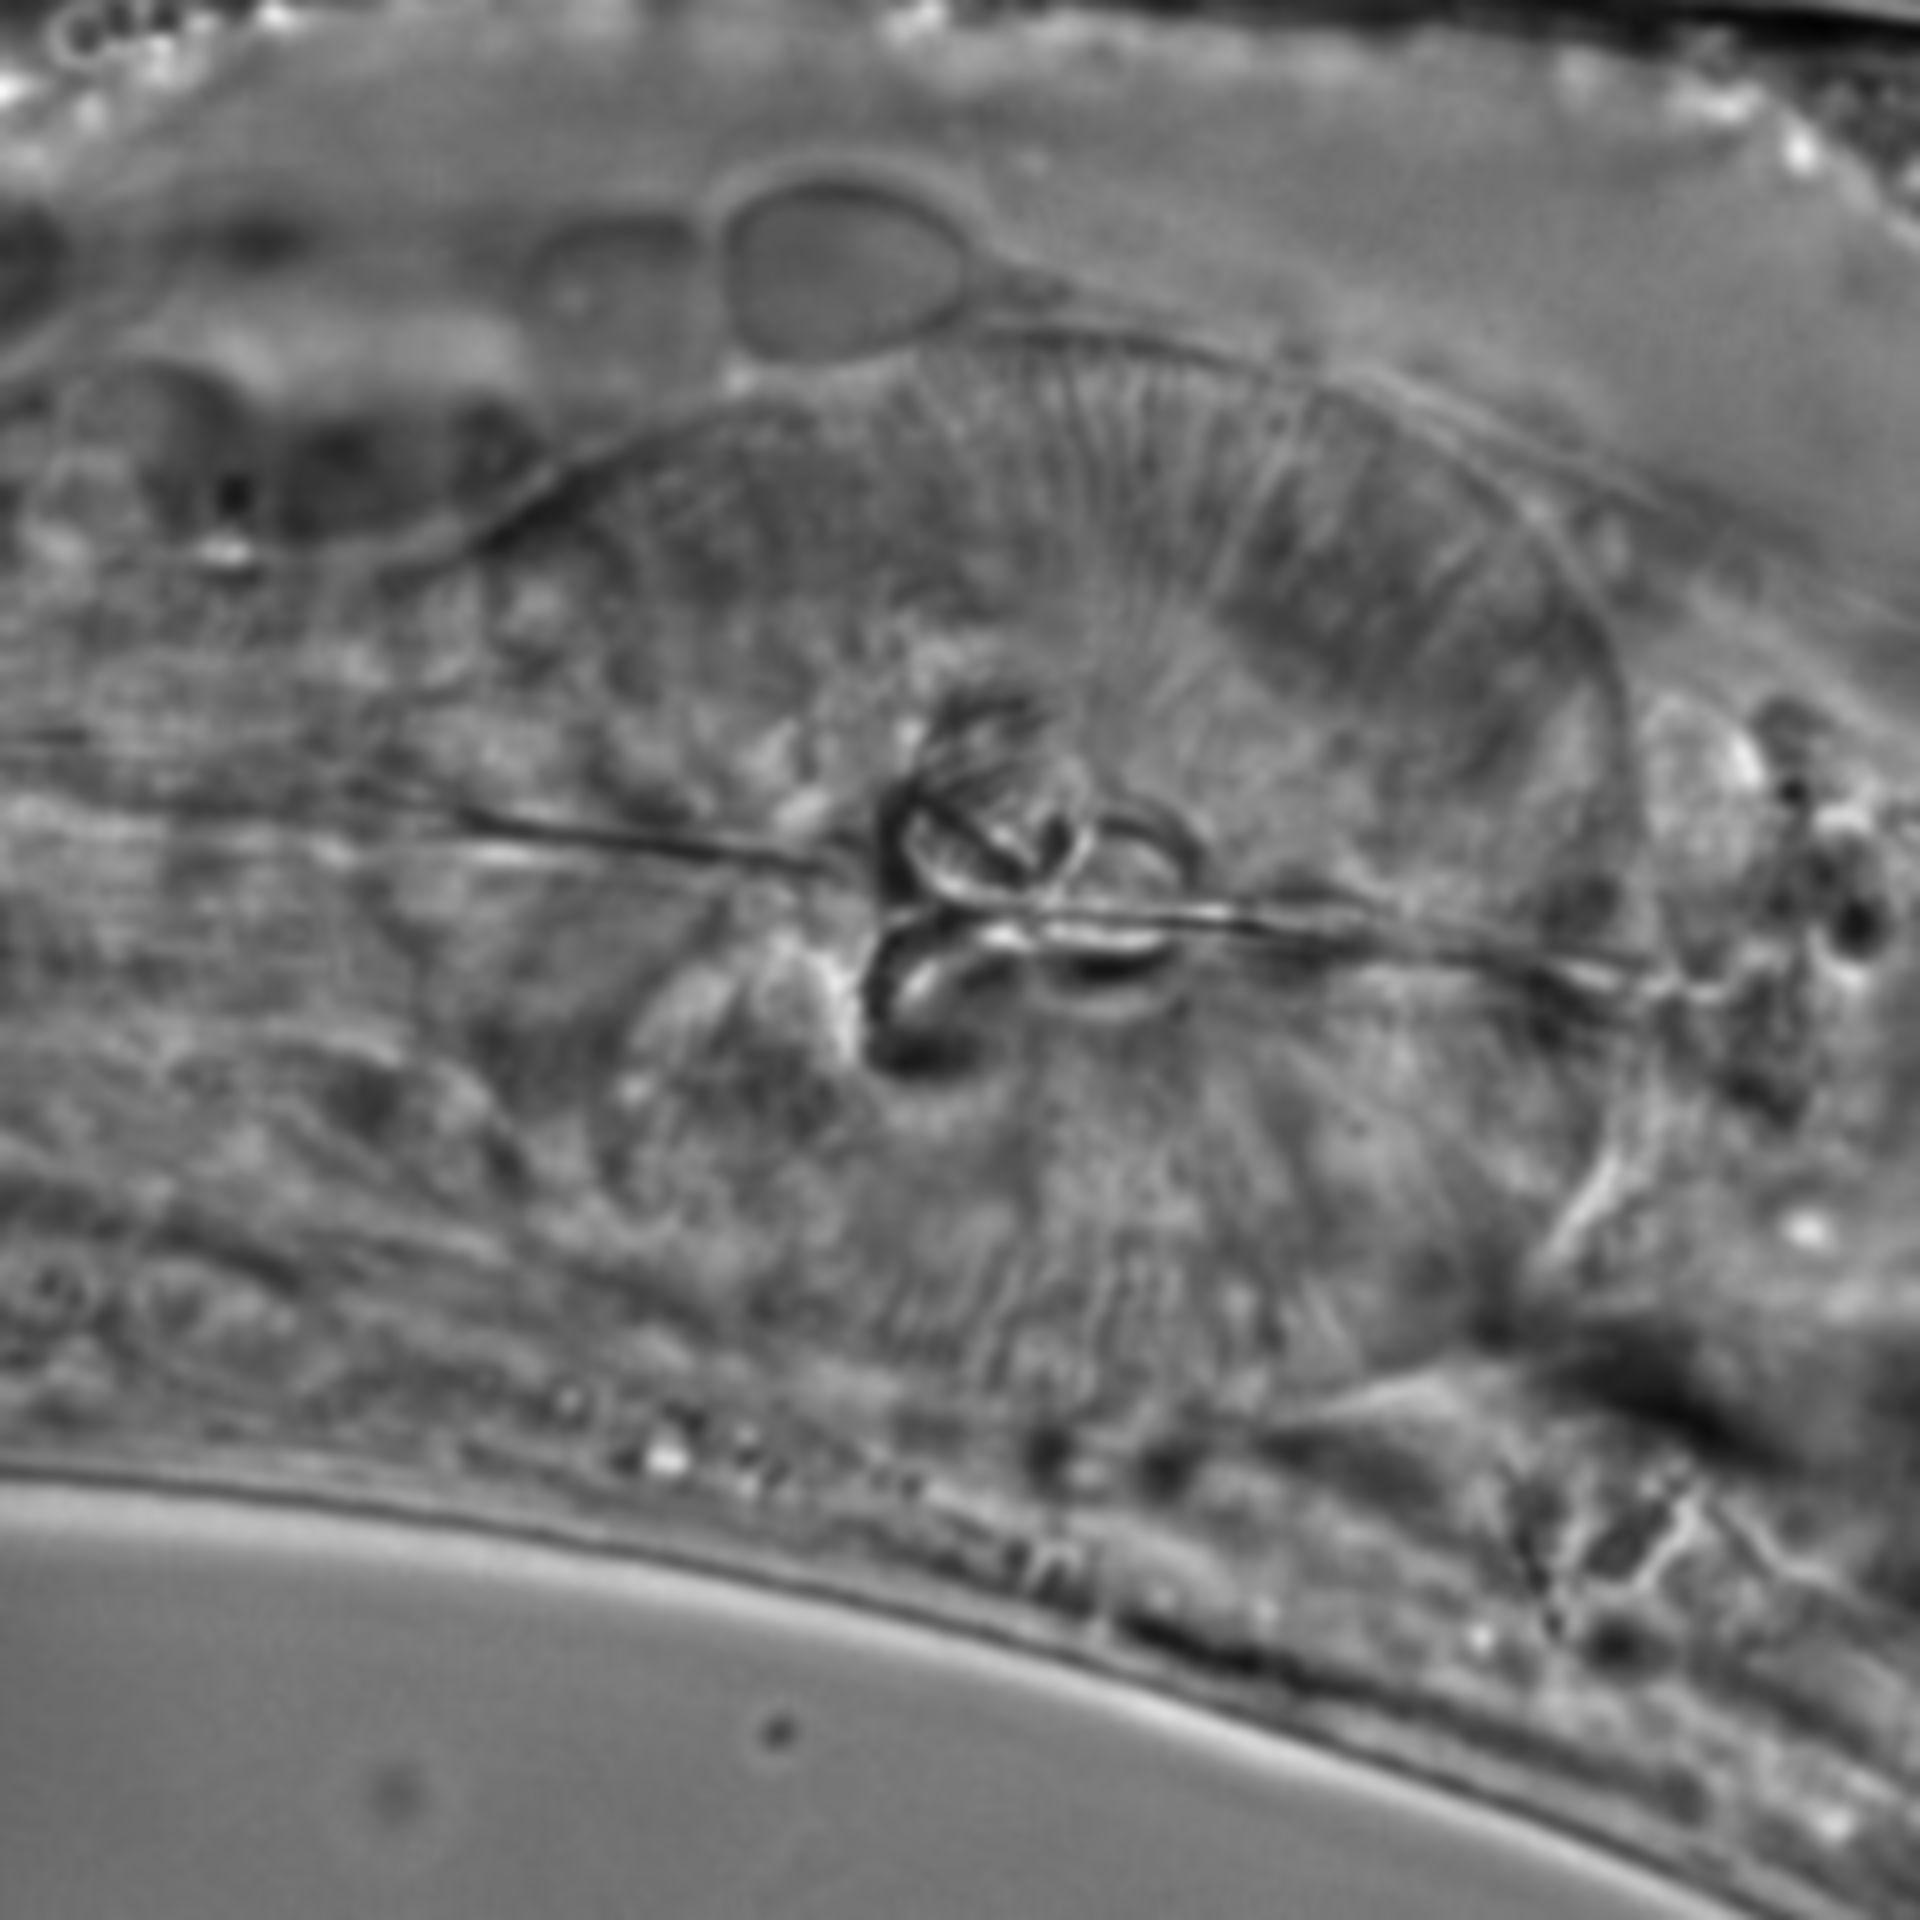 Caenorhabditis elegans - CIL:1603